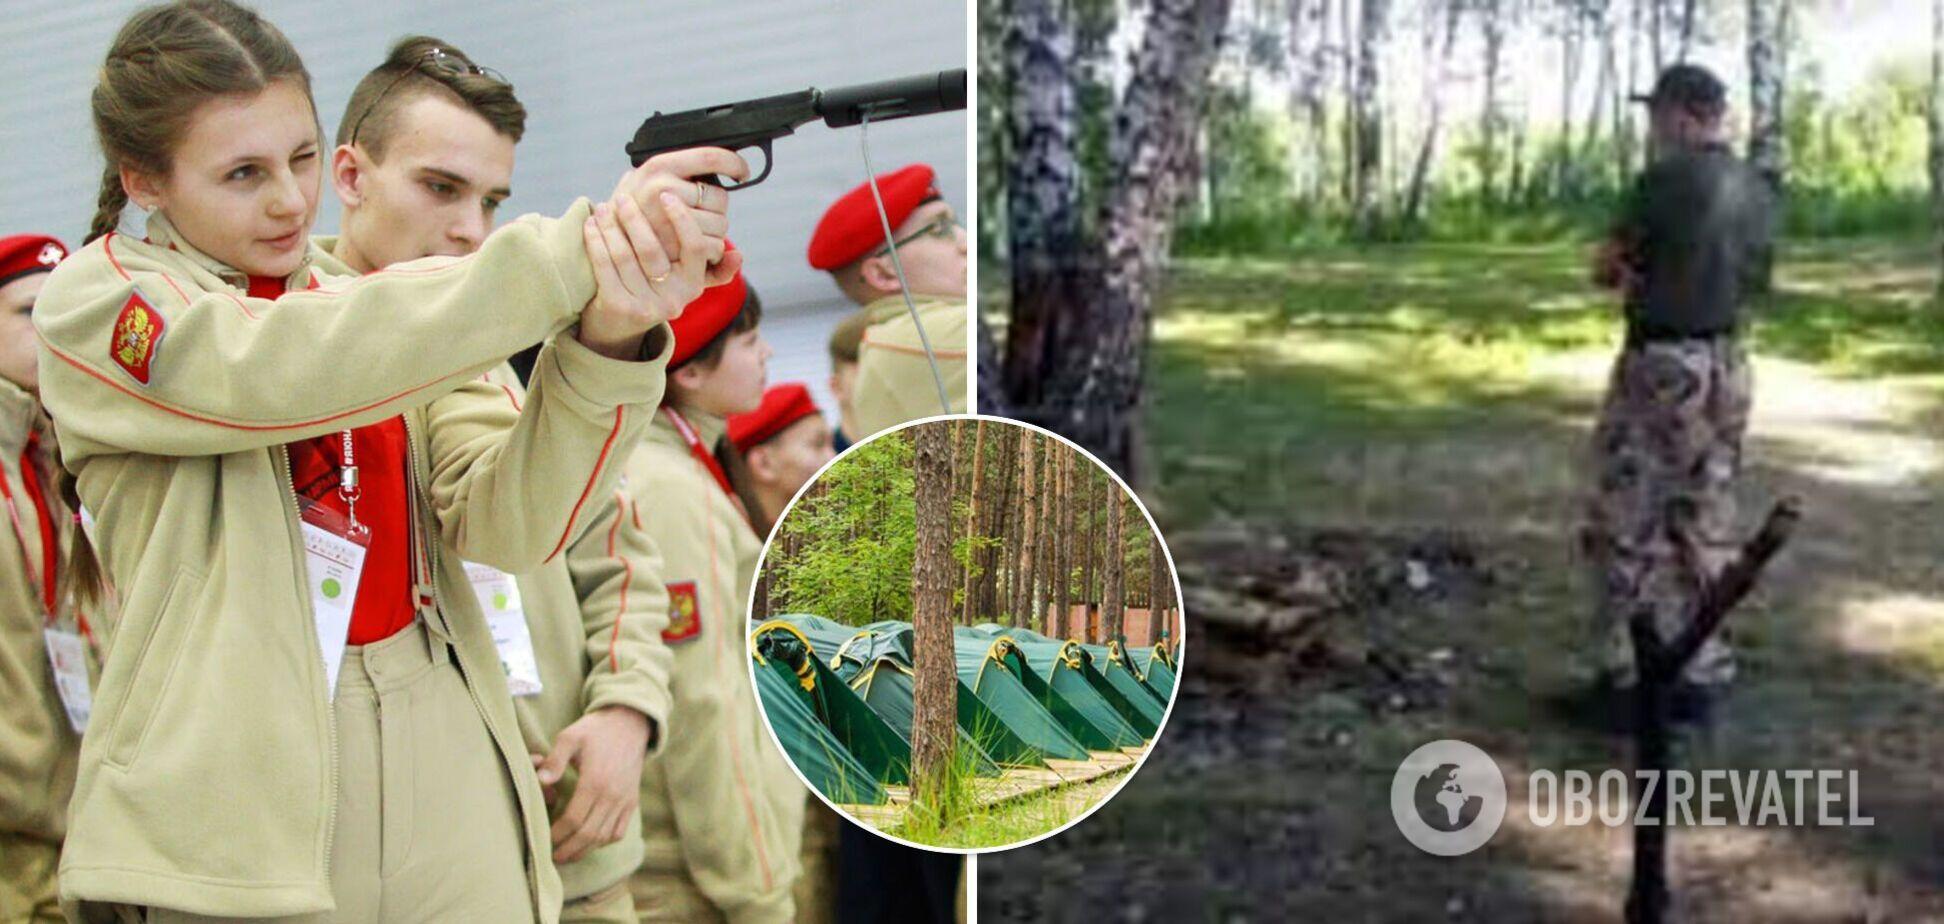 В России 'юнармейцы' устроили стрельбу в детском лагере